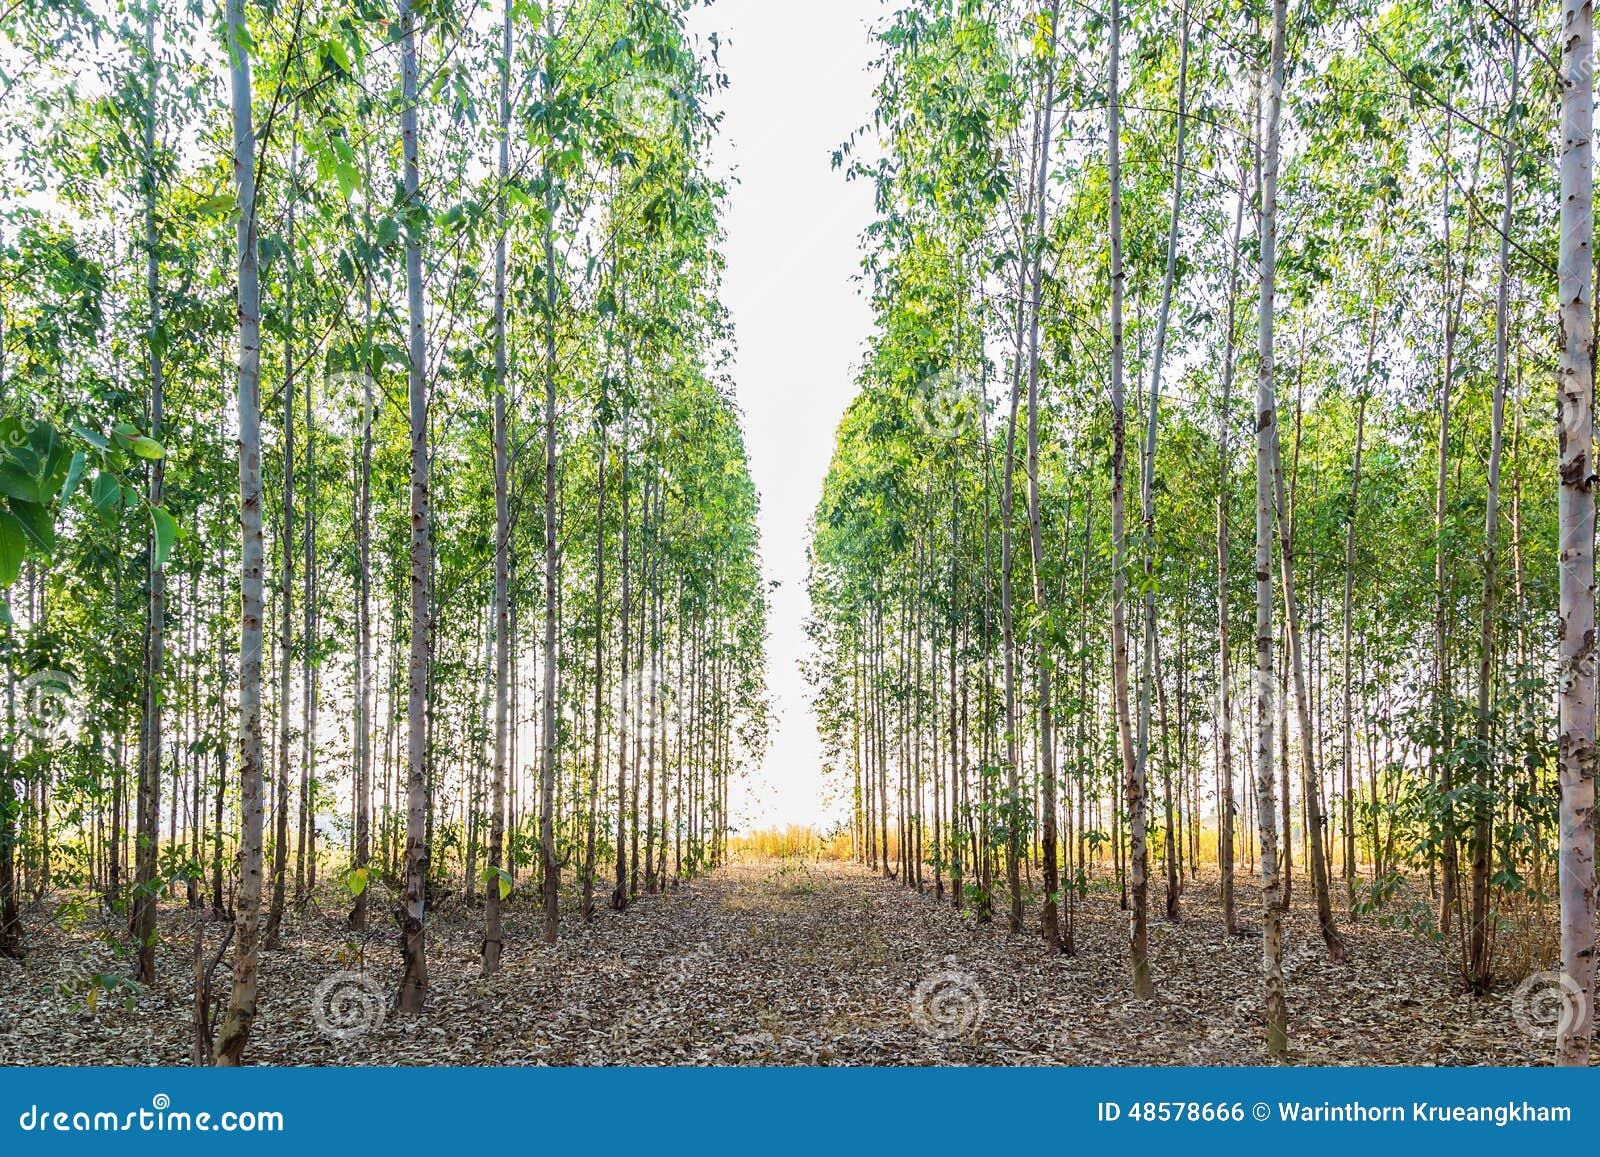 champ d 39 arbre d 39 eucalyptus photo stock image du ext rieur 48578666. Black Bedroom Furniture Sets. Home Design Ideas